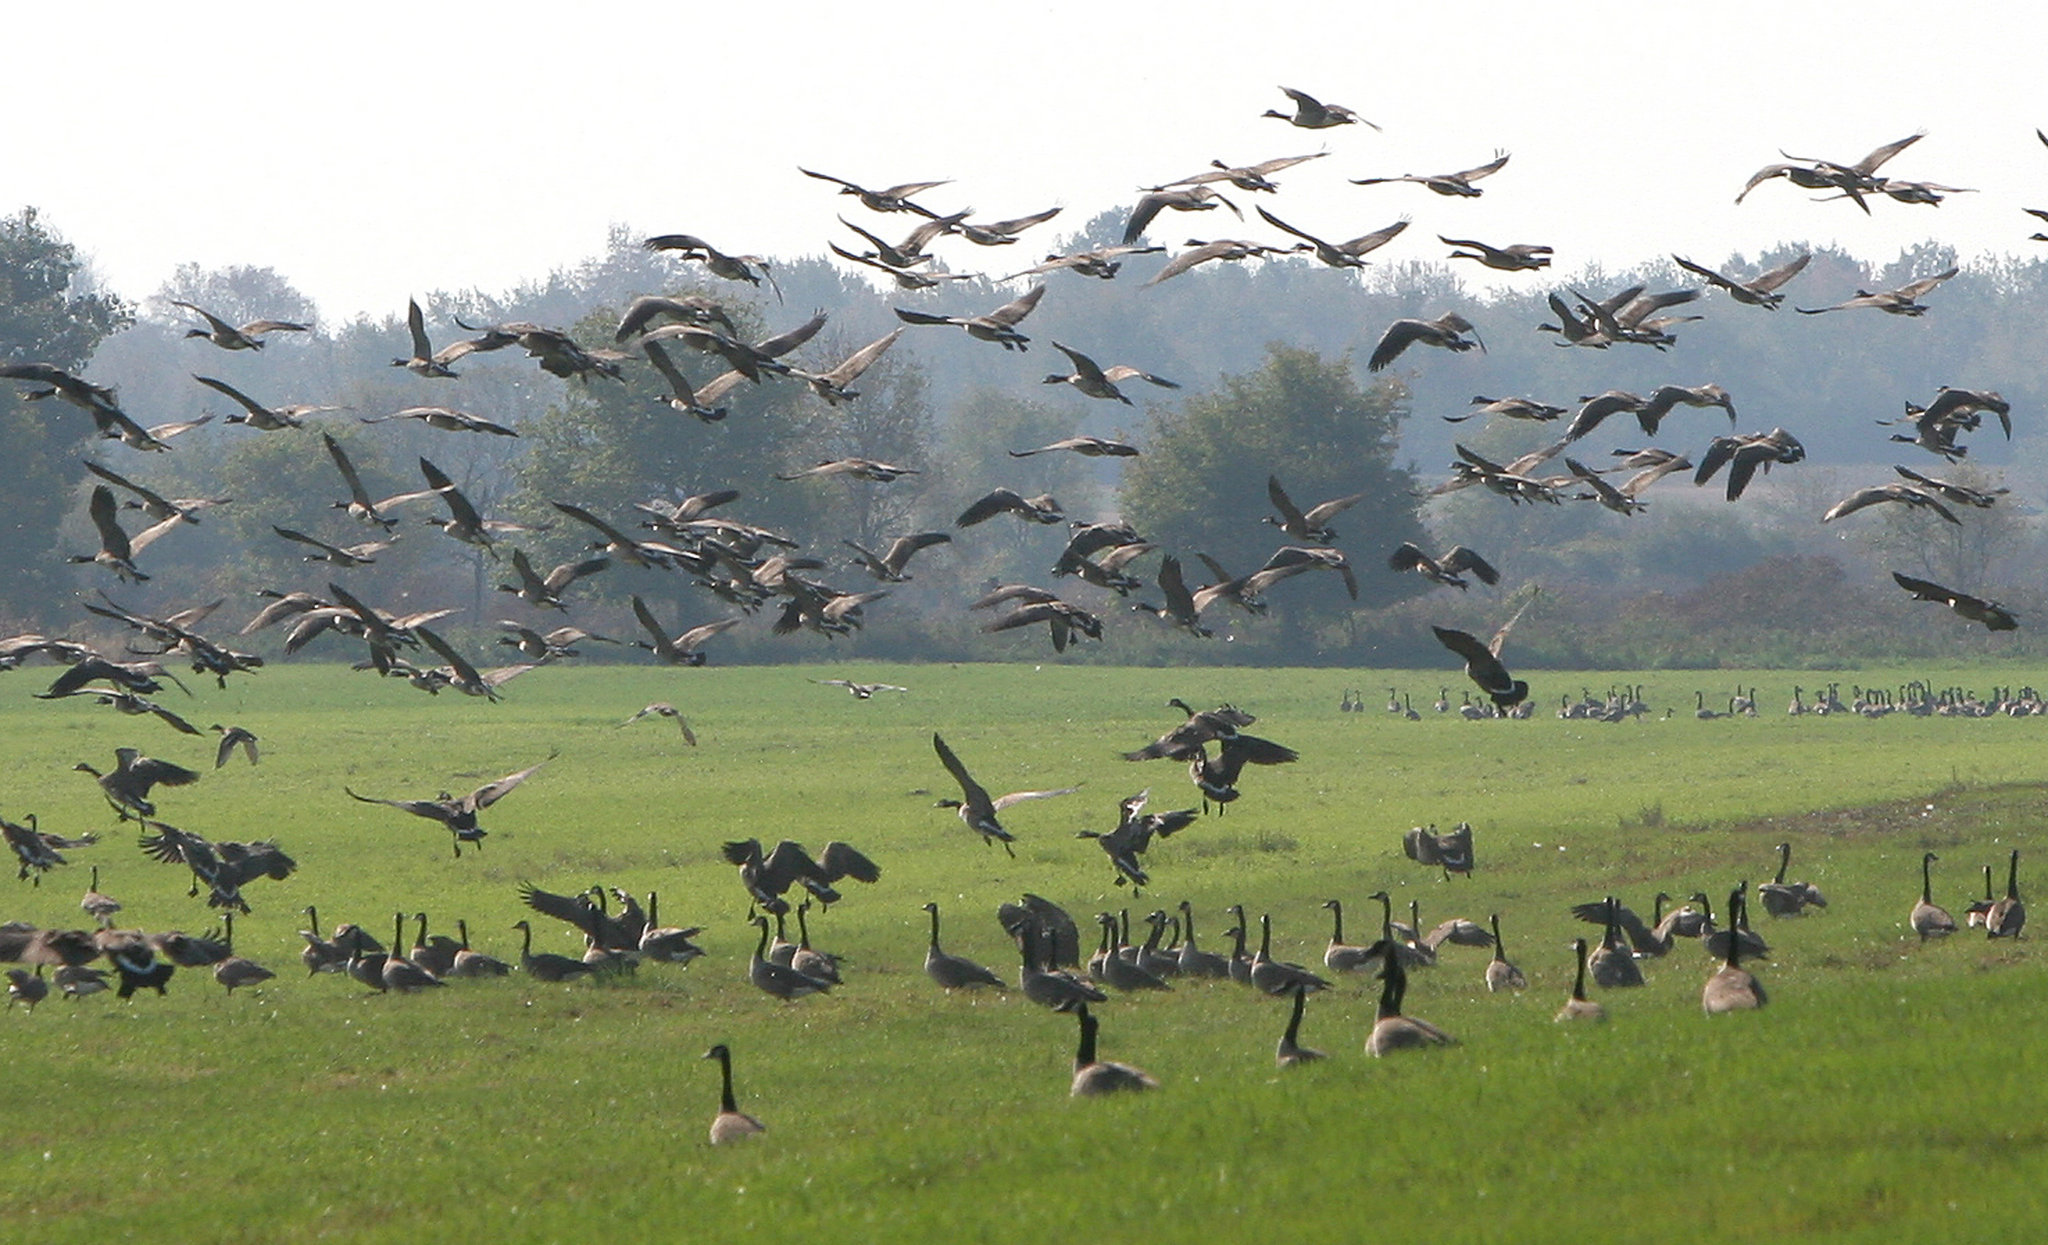 todd-farm-geese-c156a054285f1a21.jpg